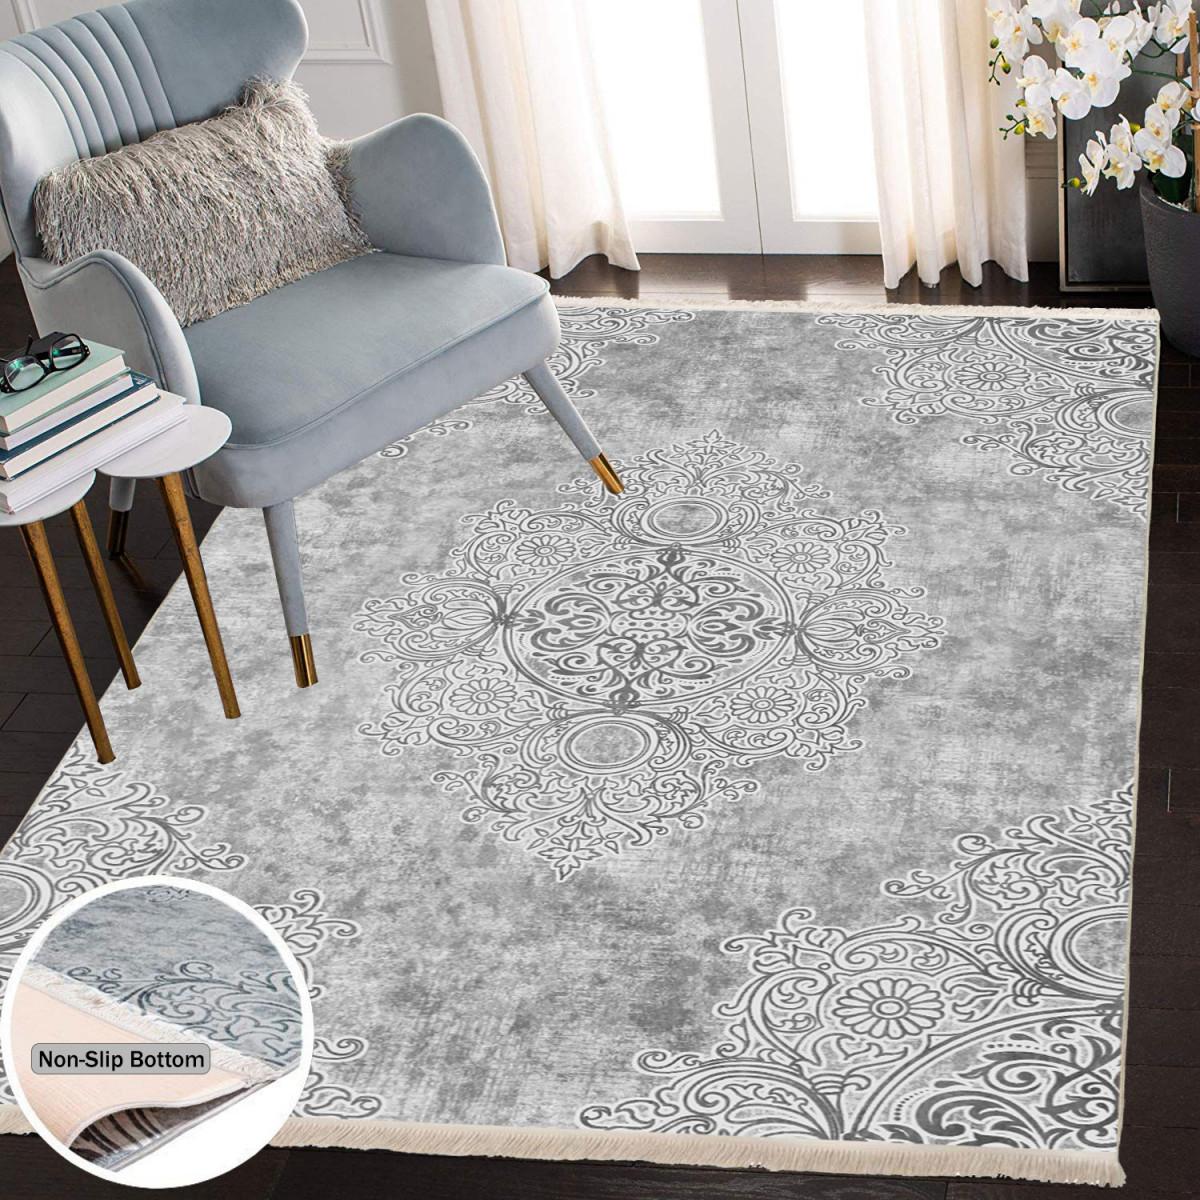 Waschbarer Teppich Für Wohnzimmer Küche Flur Teppichläufer Modern Versch  Größen  Gray von Wohnzimmer Teppich Waschbar Bild